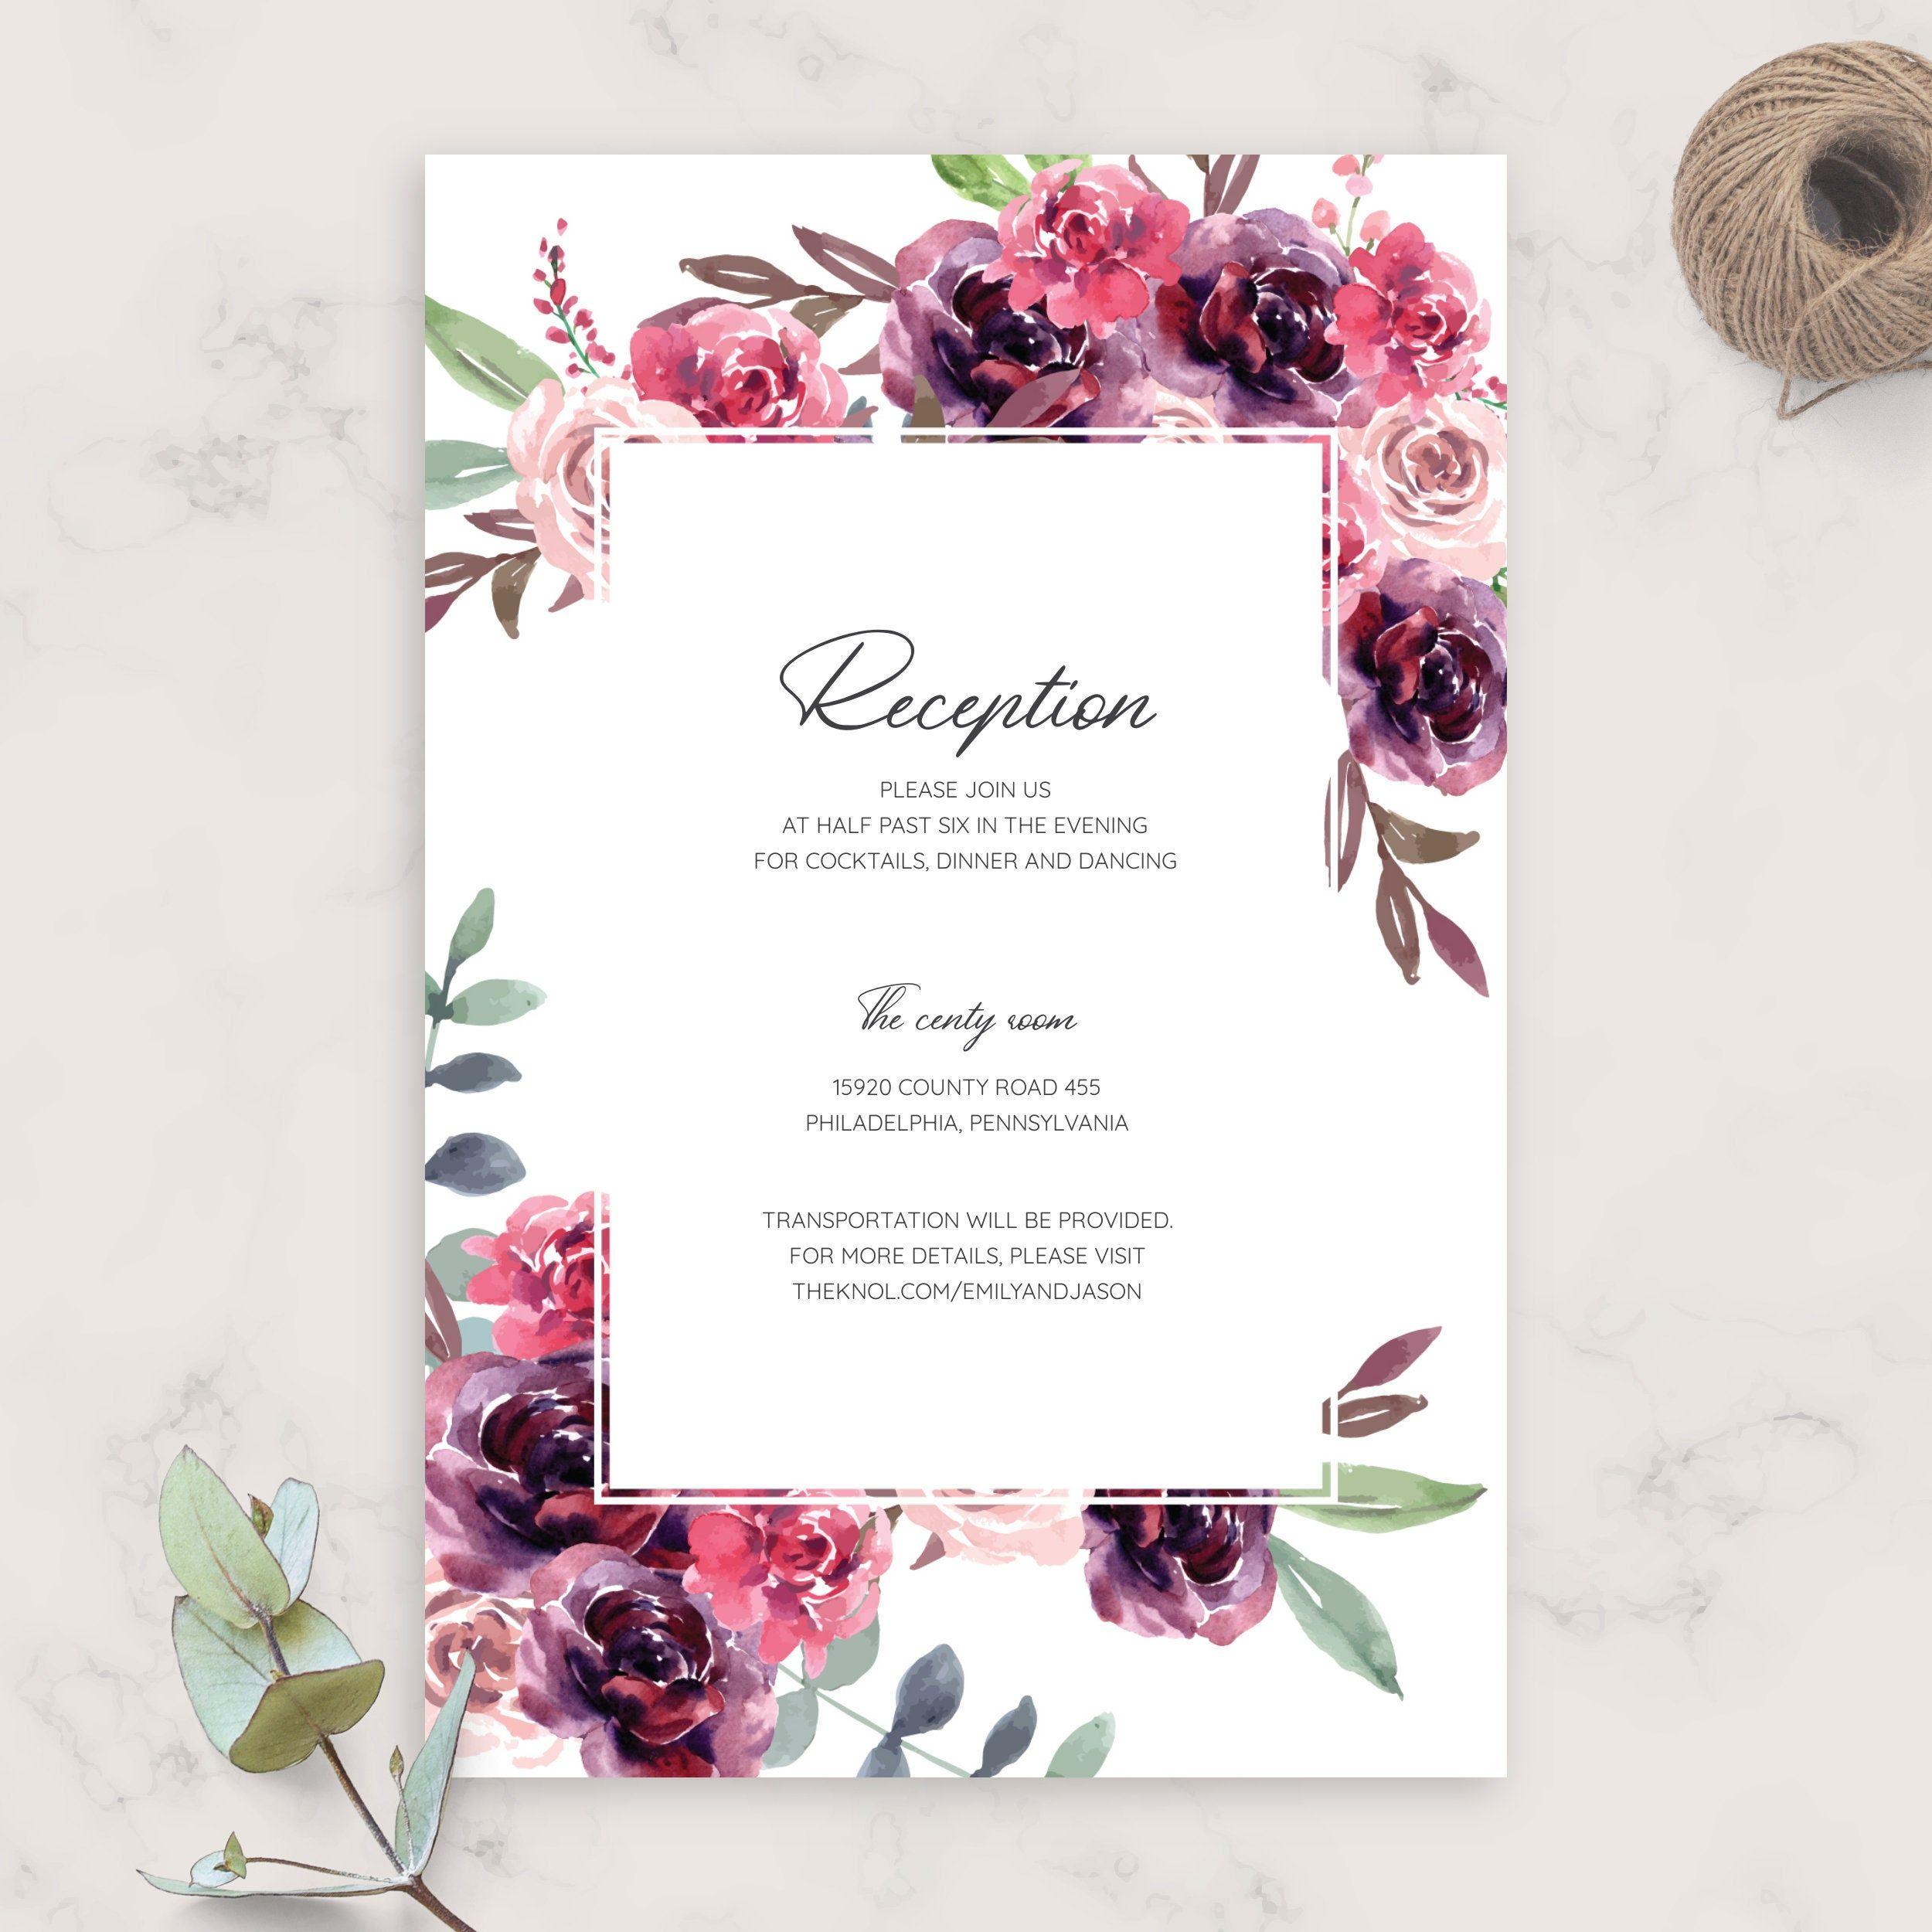 Burgundy Floral Wedding Reception Card Diy Printable Wedding Etsy In 2021 Printable Wedding Invitations Wedding Details Card Floral Wedding Invitations